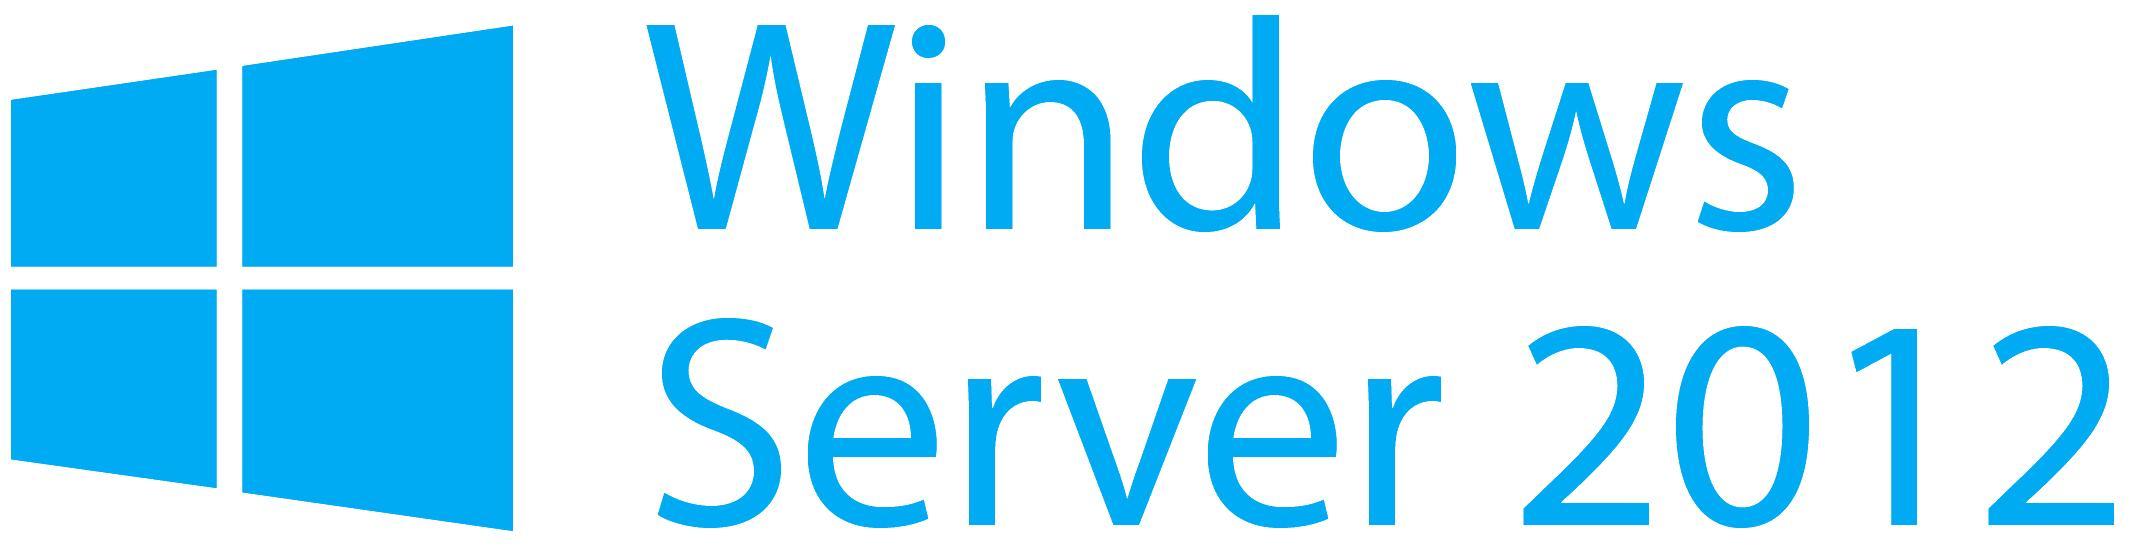 windows server 2012 r2 licensing software reuse. Black Bedroom Furniture Sets. Home Design Ideas